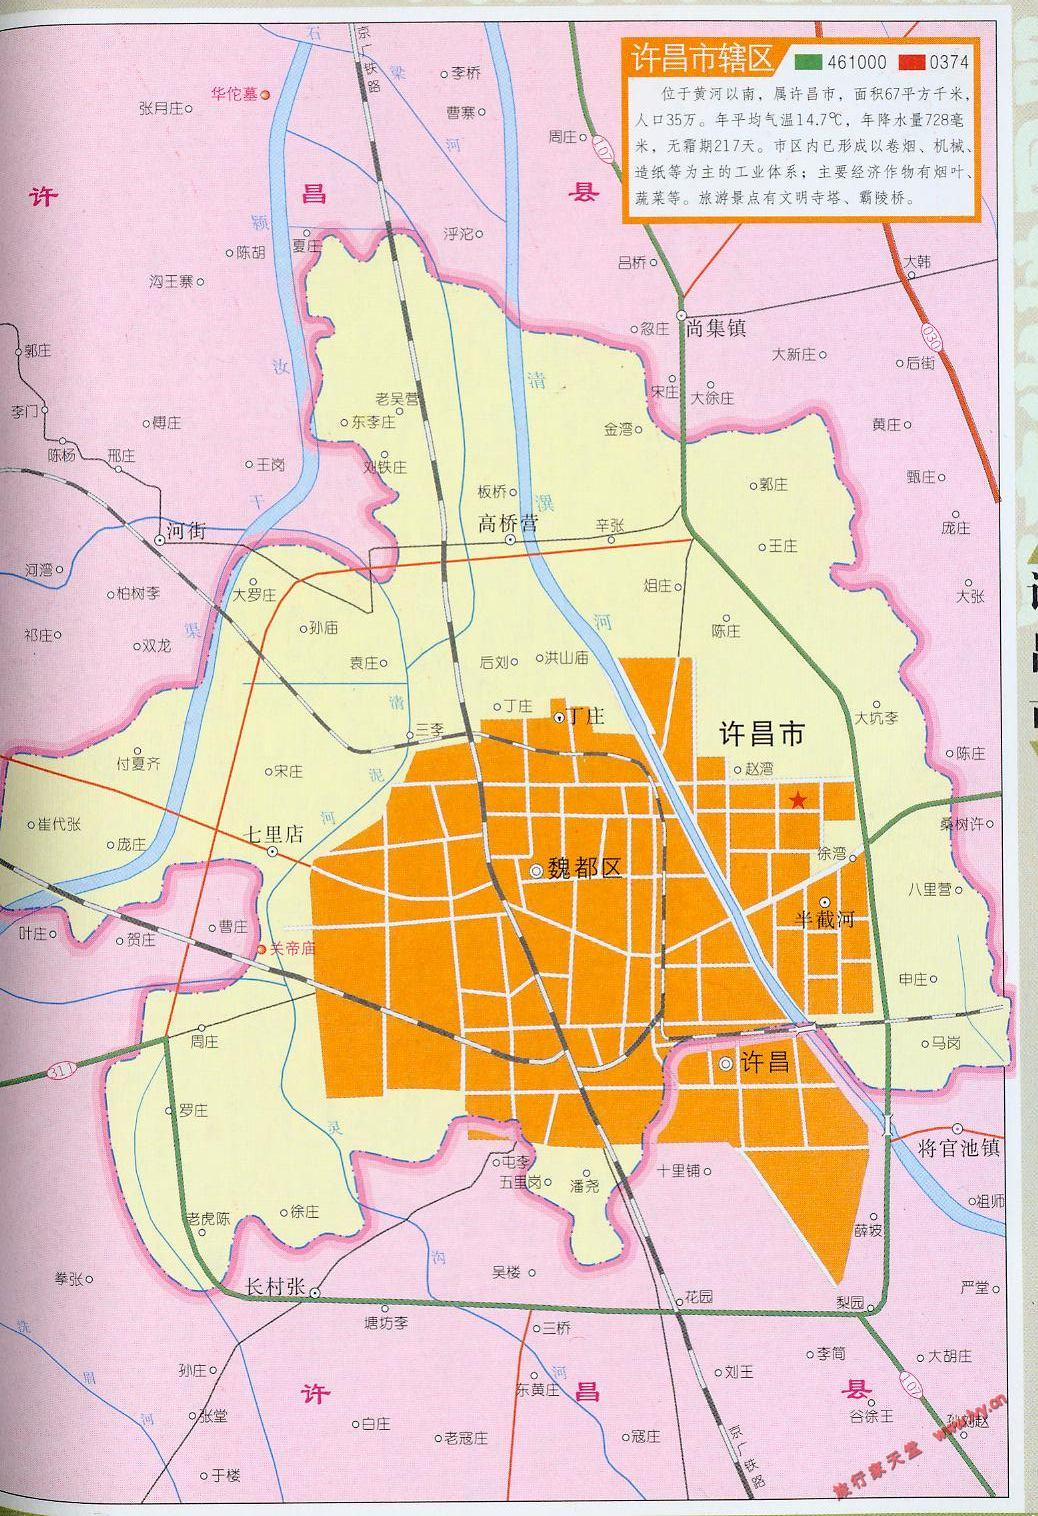 许昌市辖区地图